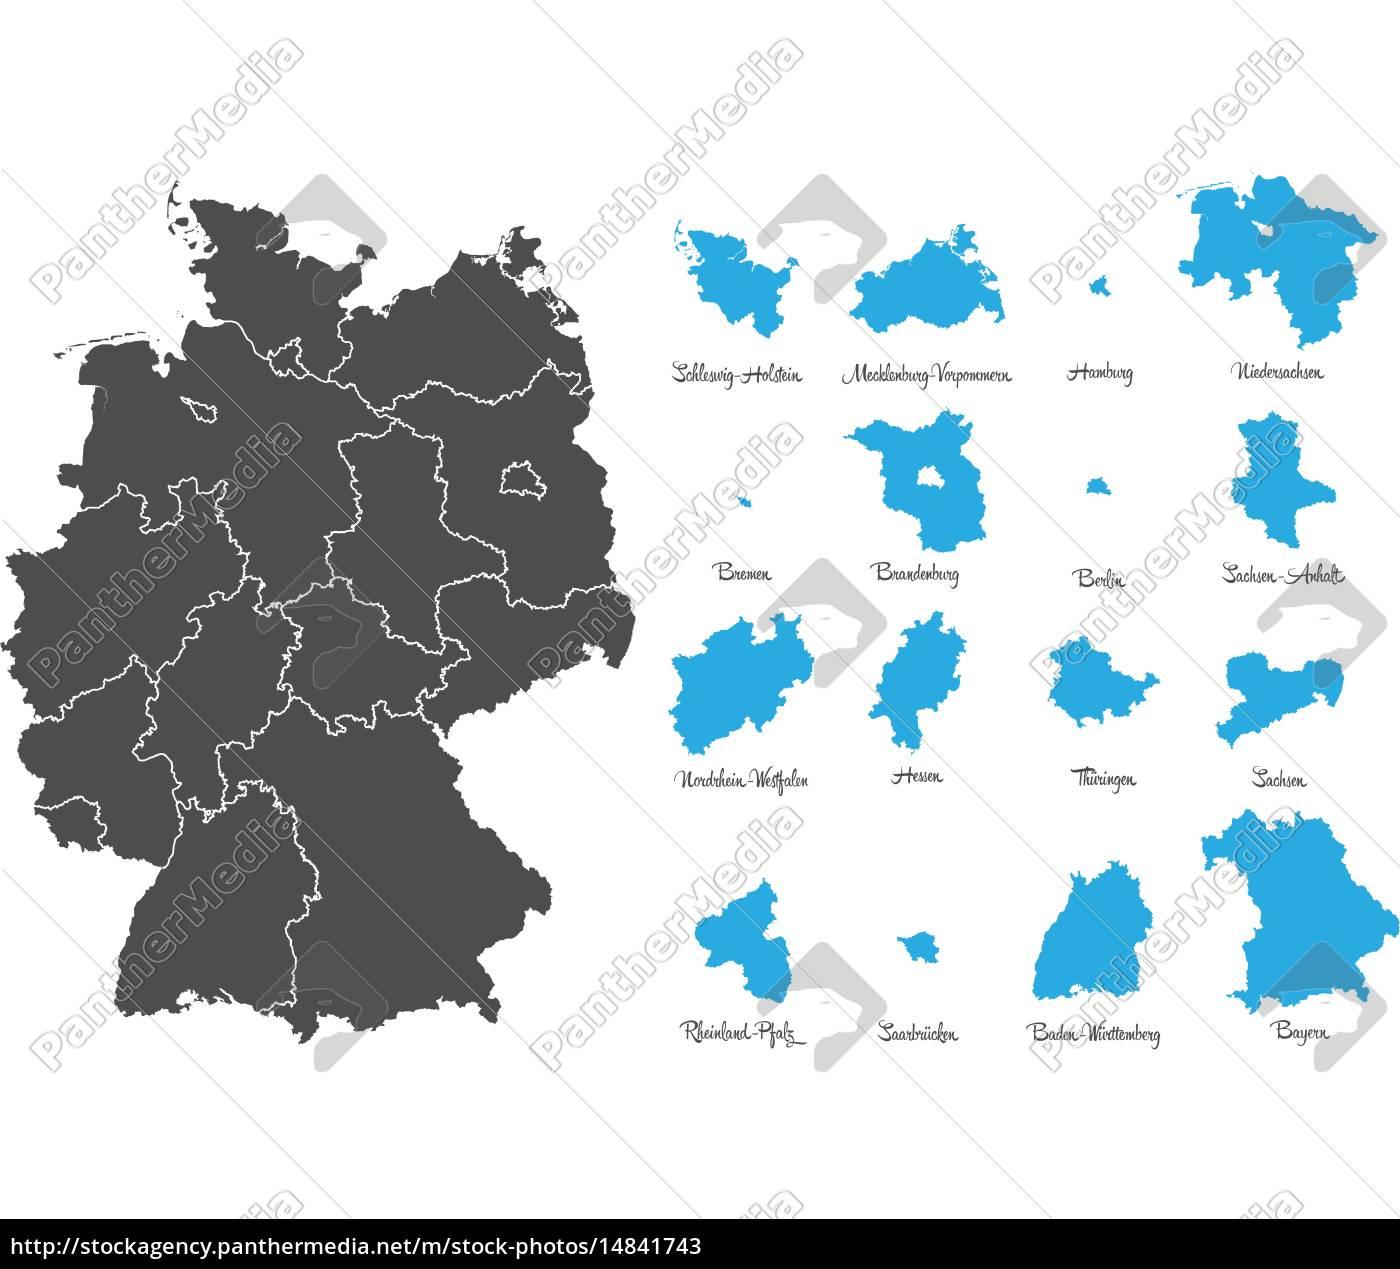 Bundesländer Karte Ostdeutschland.Lizenzfreie Vektorgrafik 14841743 Deutschland Karte Mit Bundesländern Vektor Set